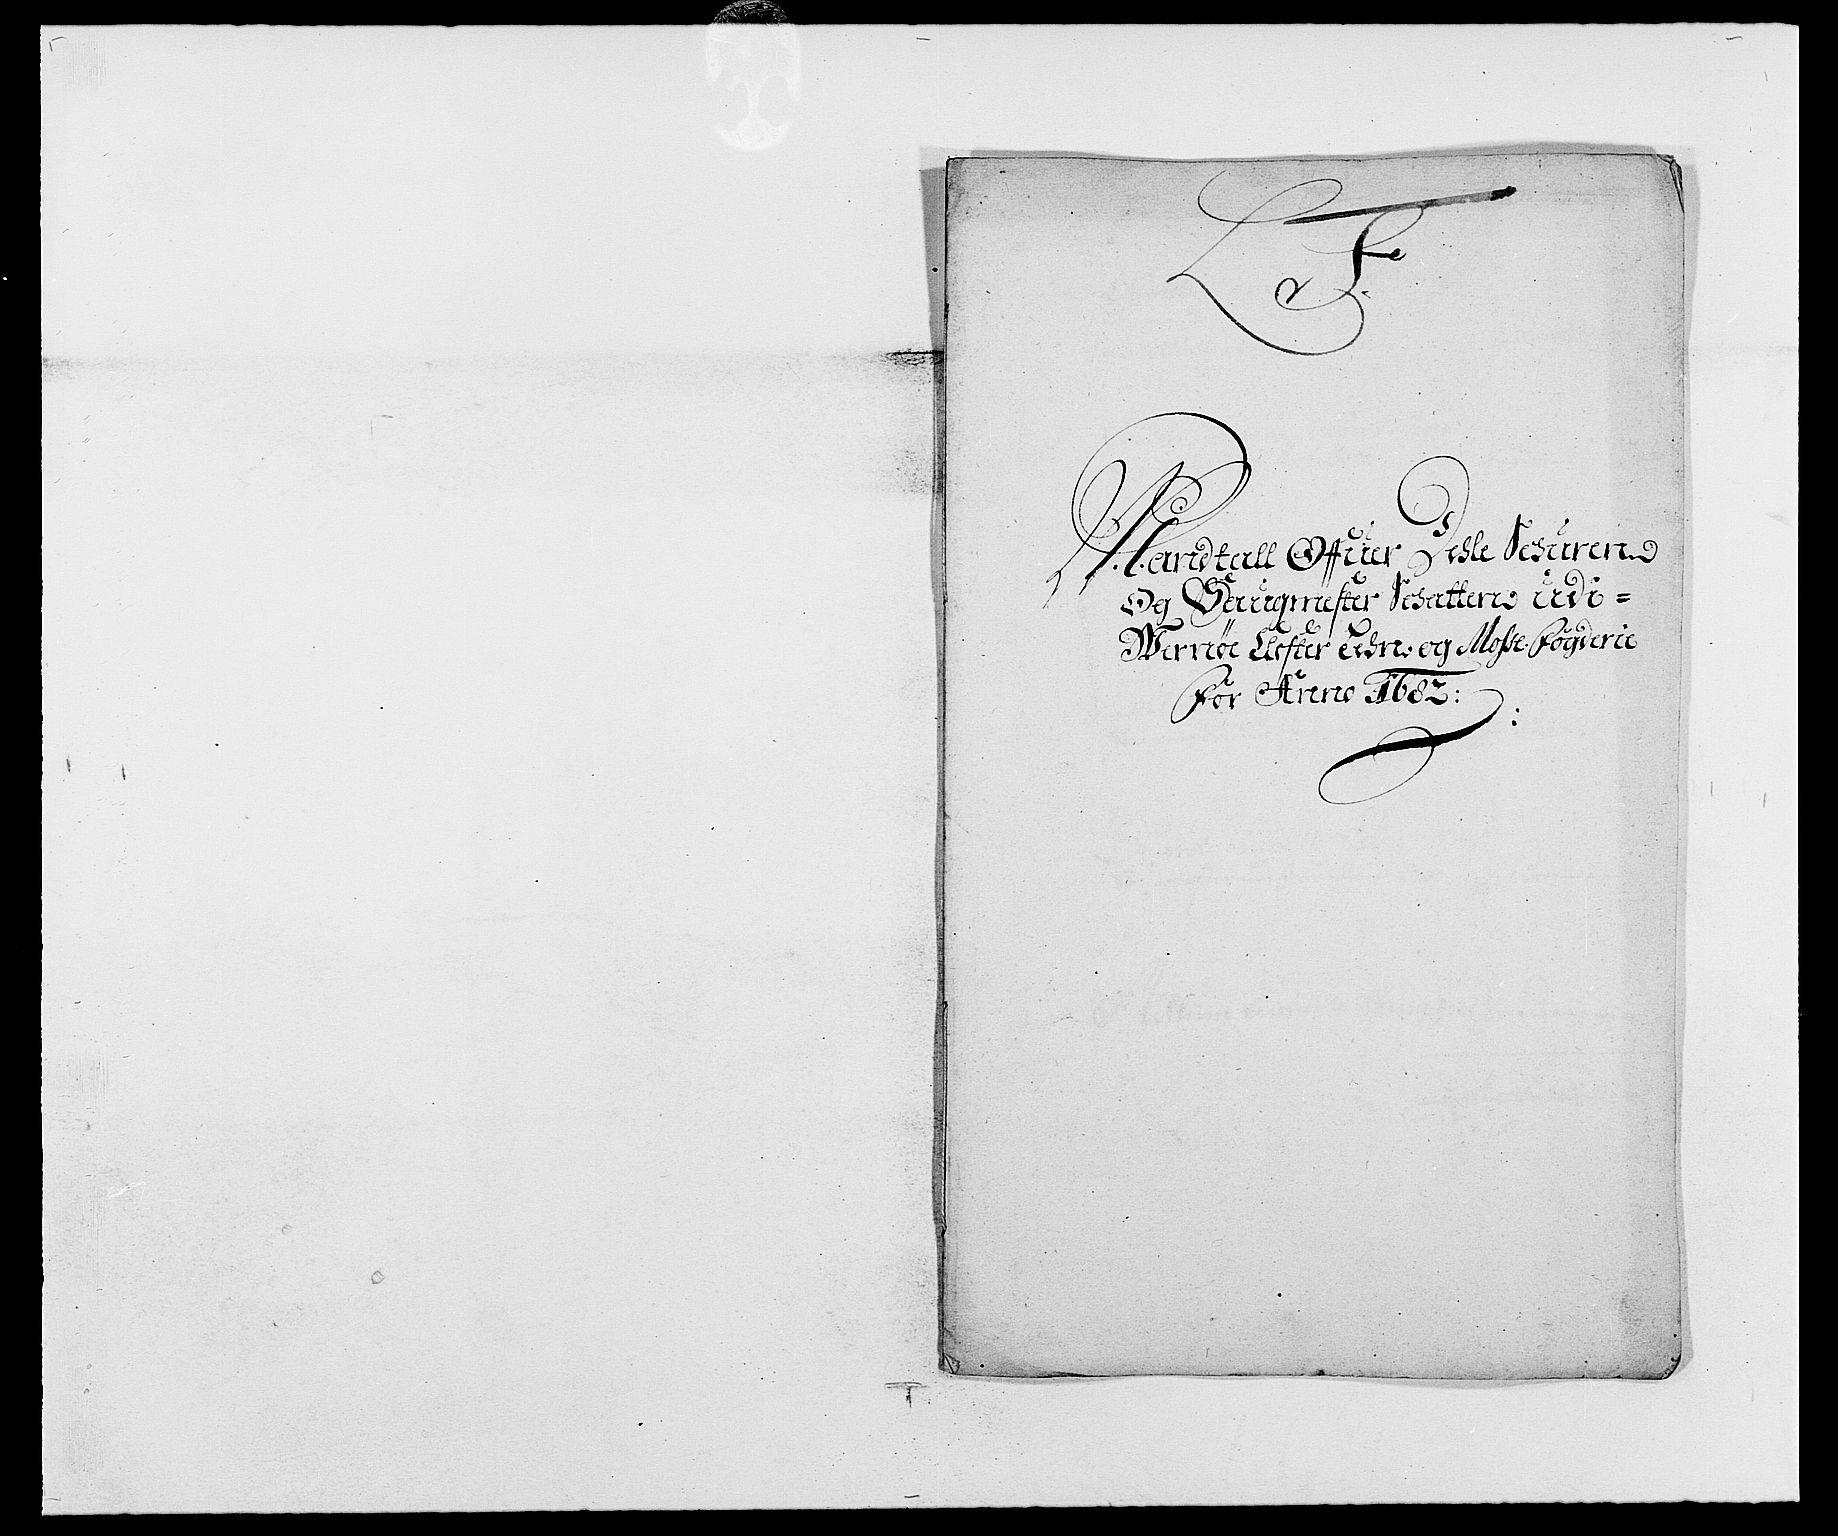 RA, Rentekammeret inntil 1814, Reviderte regnskaper, Fogderegnskap, R02/L0103: Fogderegnskap Moss og Verne kloster, 1682-1684, s. 216